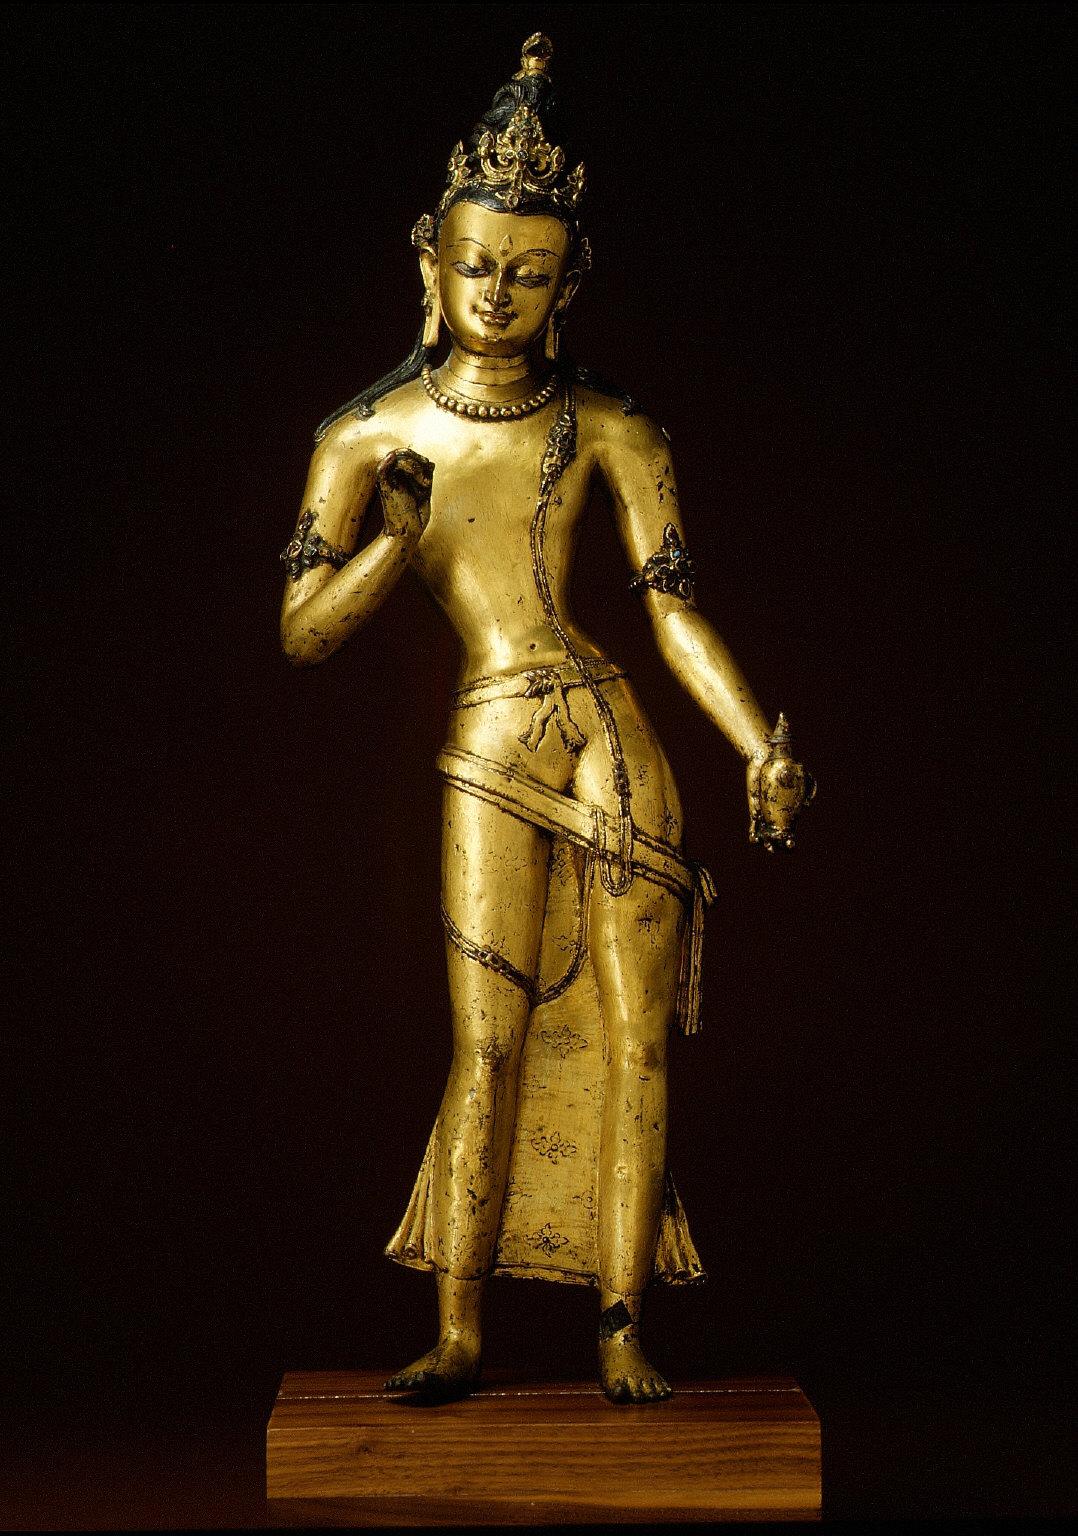 Standing Bodhisattva Maitreya (The Bodhisattva of the Future)